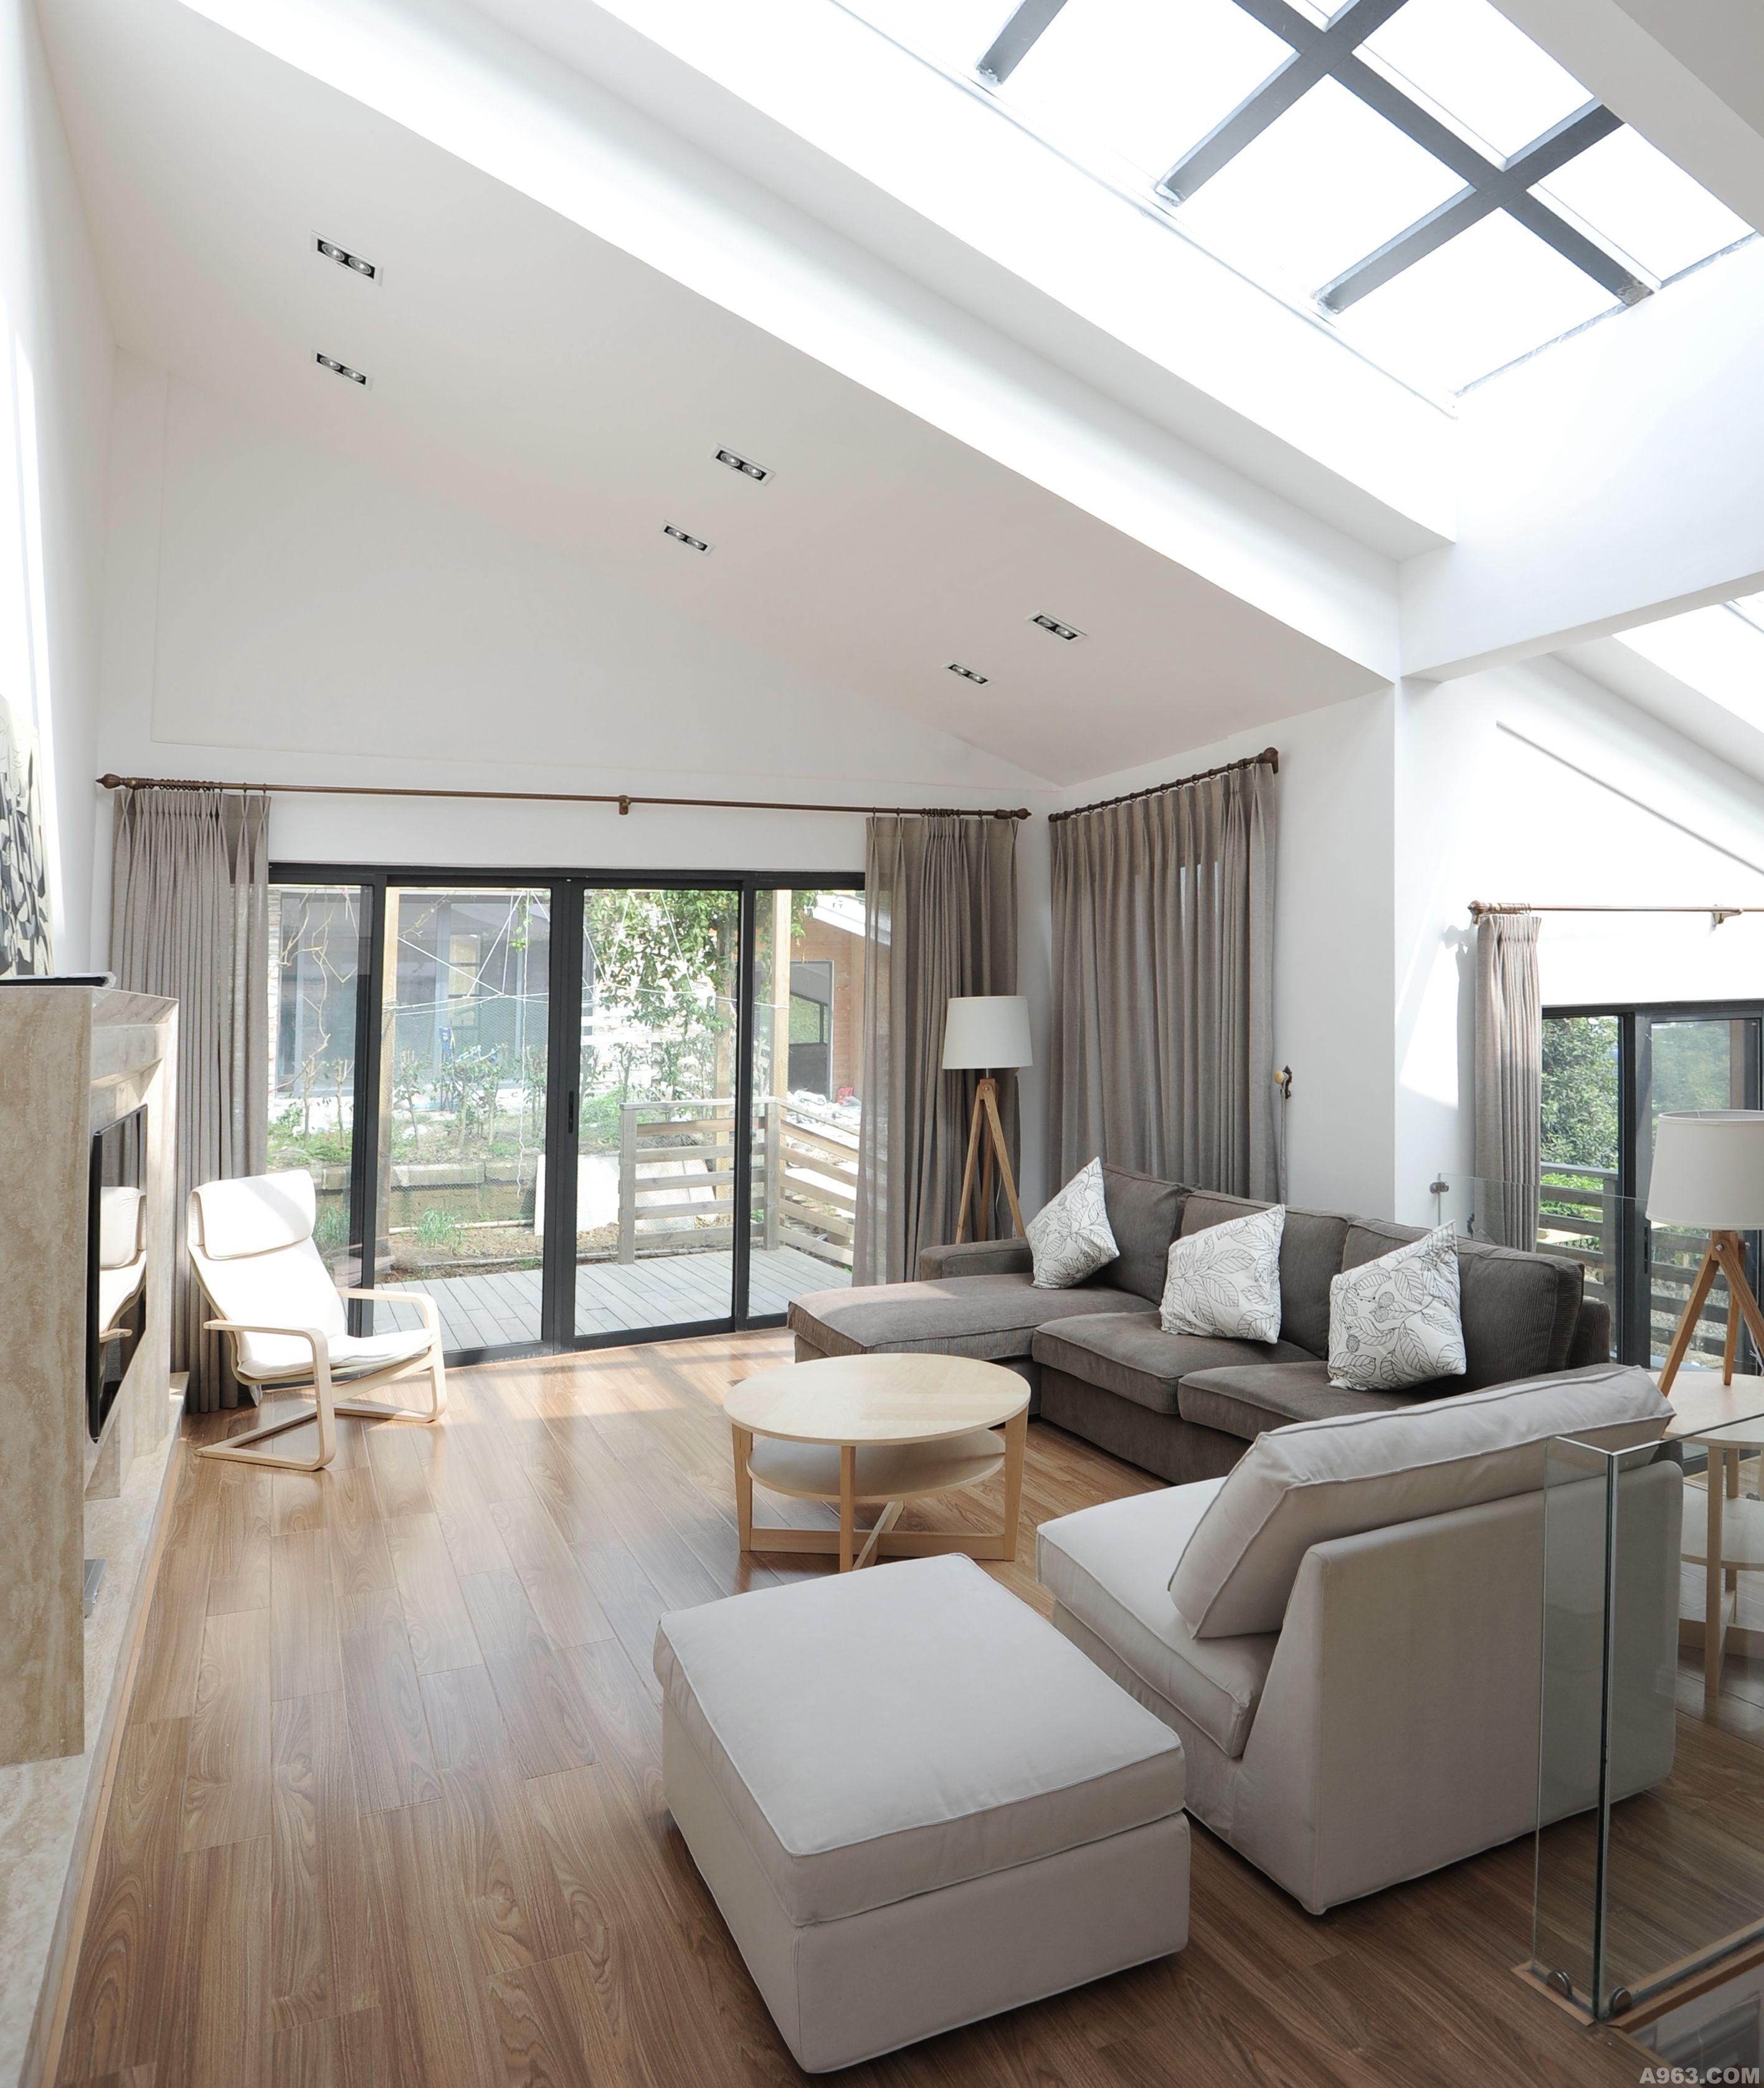 纯空间 - 别墅豪宅 - 厦门室内设计网_厦门室内设计